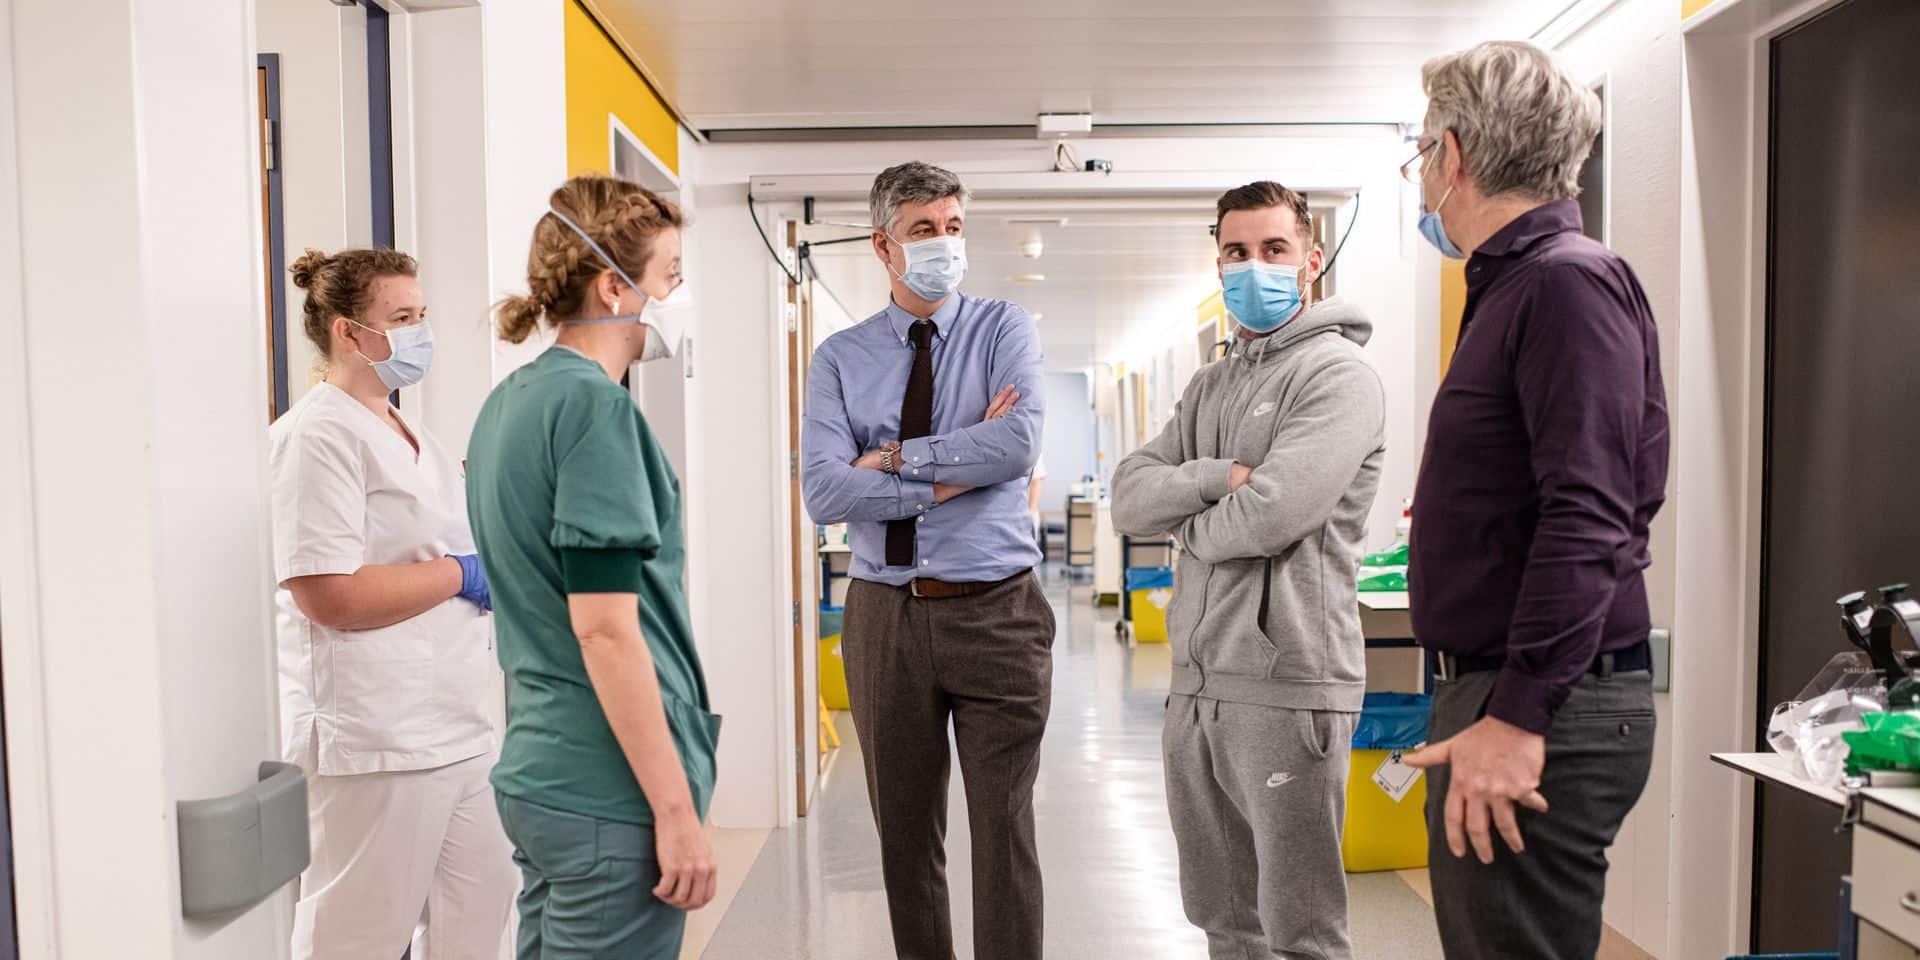 """Tuur Dierckx (Westerlo), organisateur d'une lockdown party, en visite dans un hôpital: """"Il a été confronté à la réalité et cela a clairement eu un impact majeur sur lui"""""""